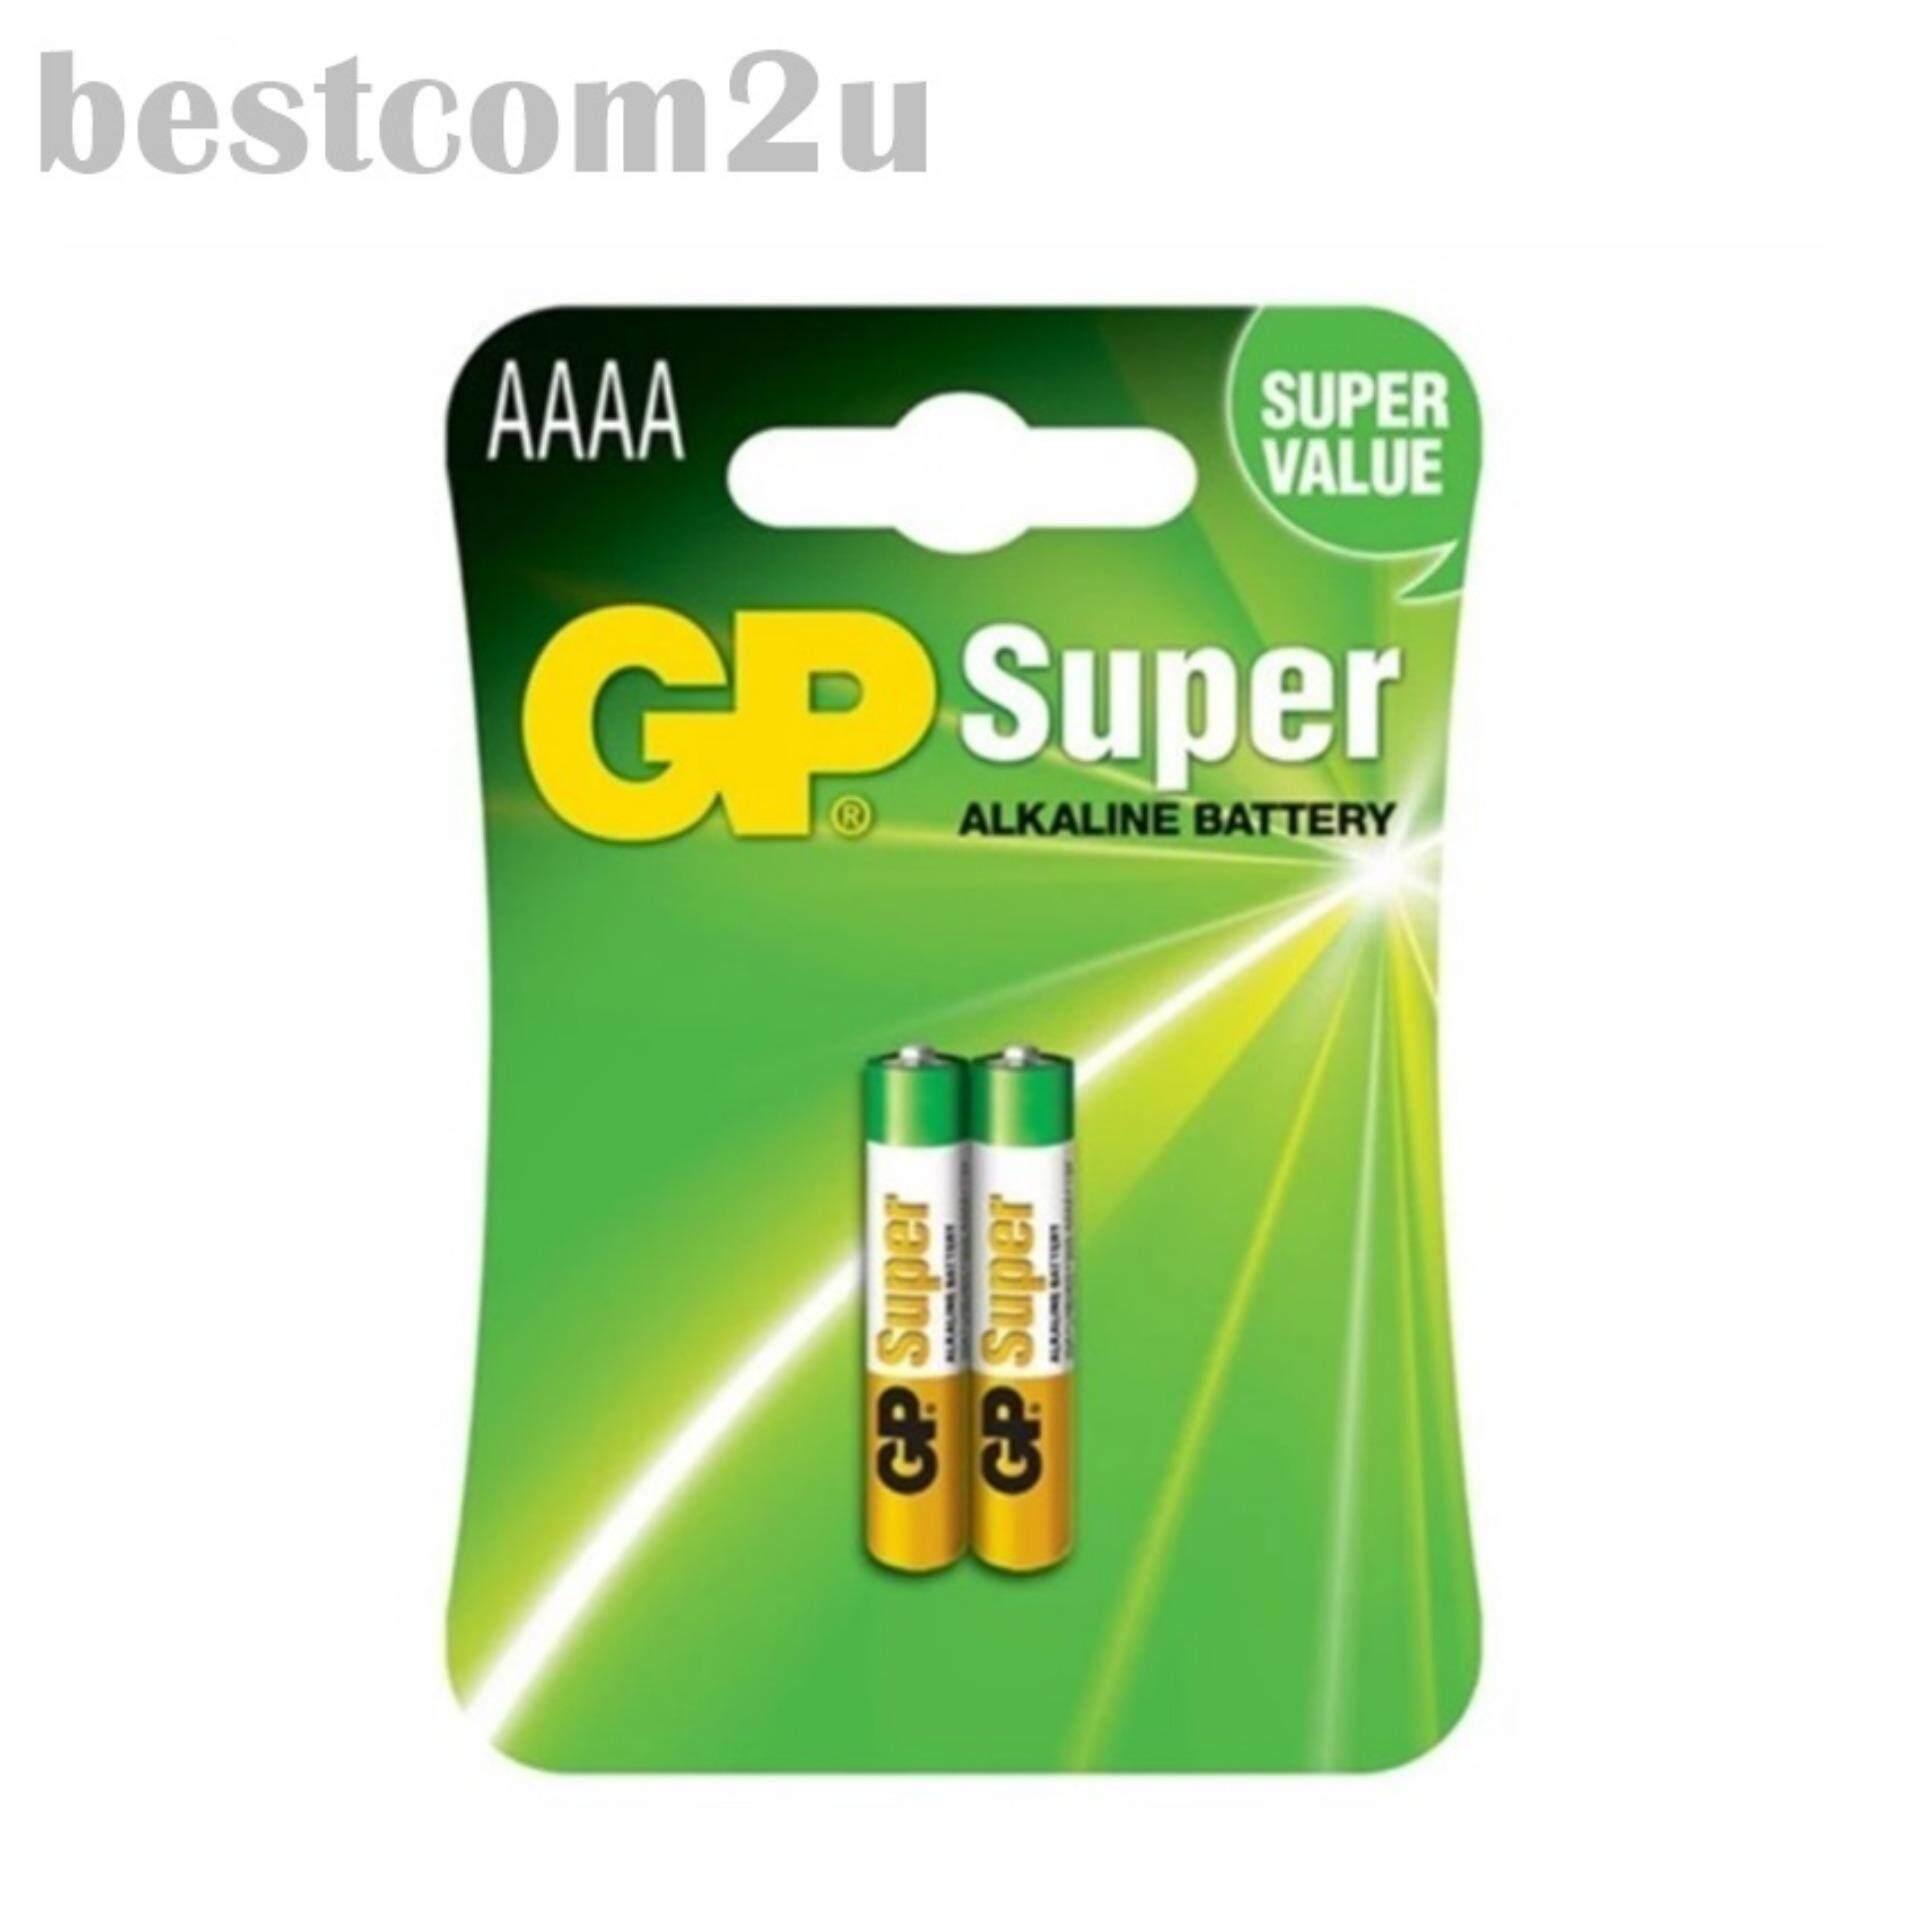 GP Super Alkaline Battery AAAA GP25A-2U2 Malaysia